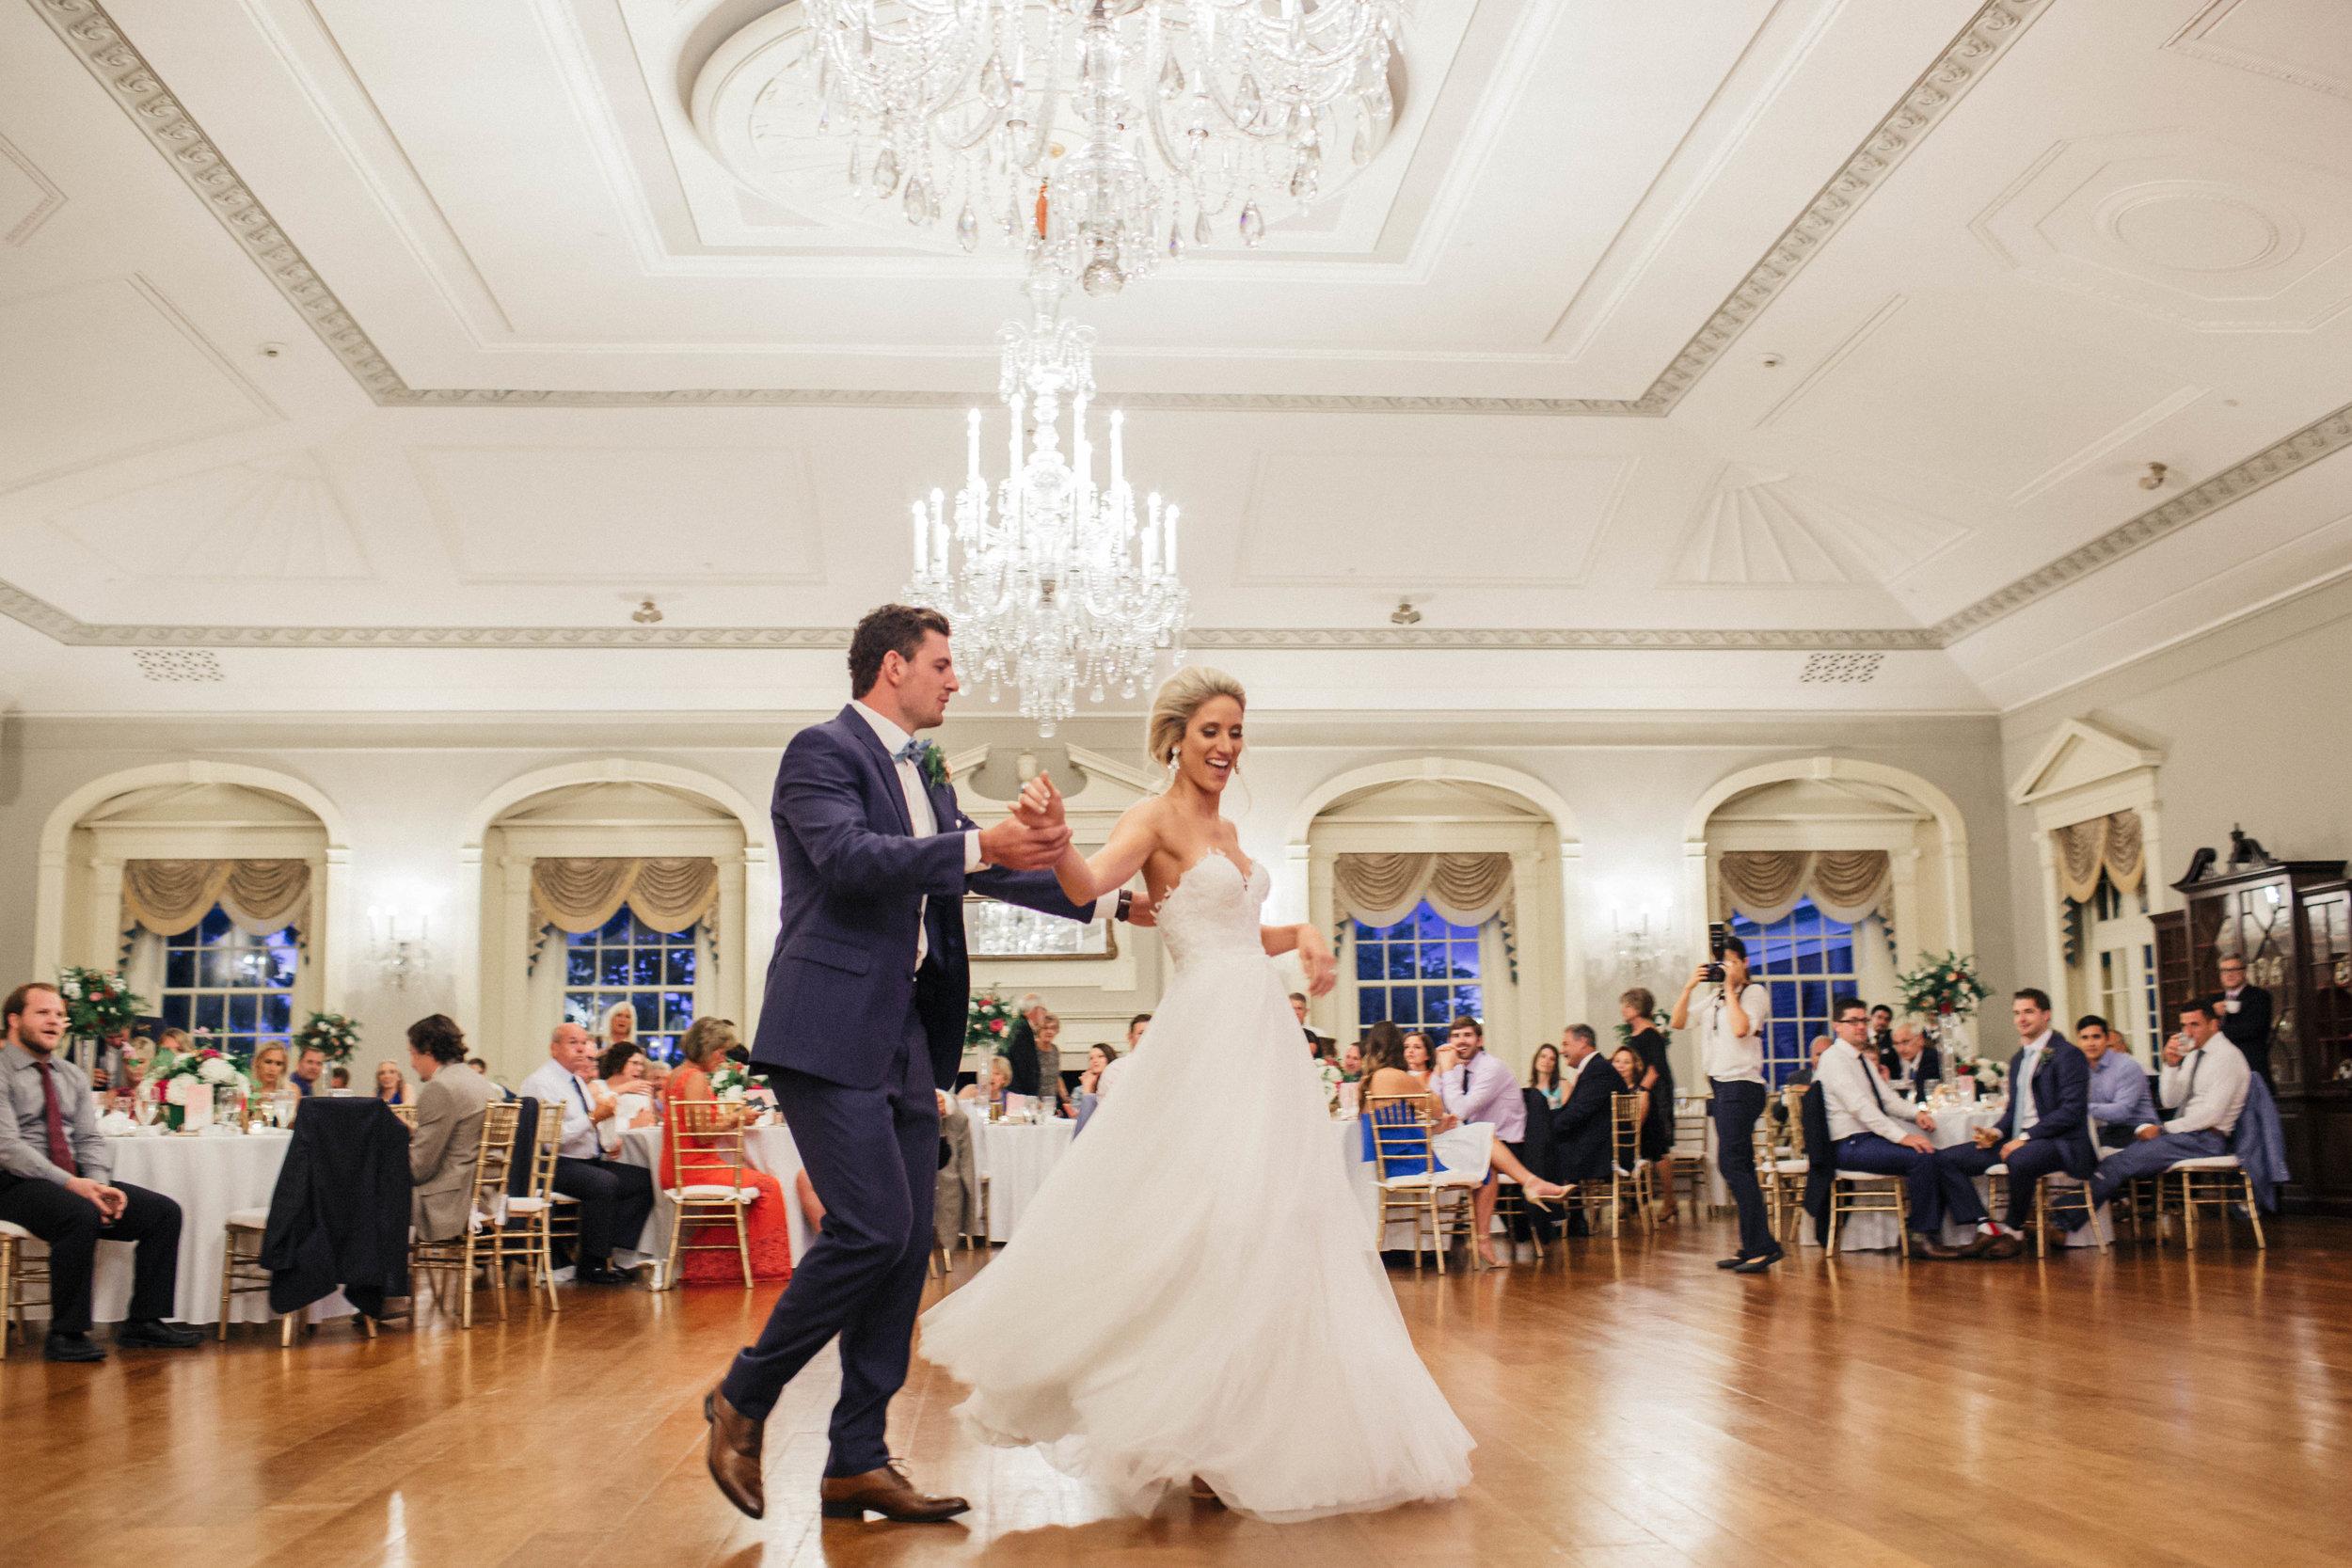 Nicole_Marie_Photography_Luxury_Wedding_Photographer-701.jpg